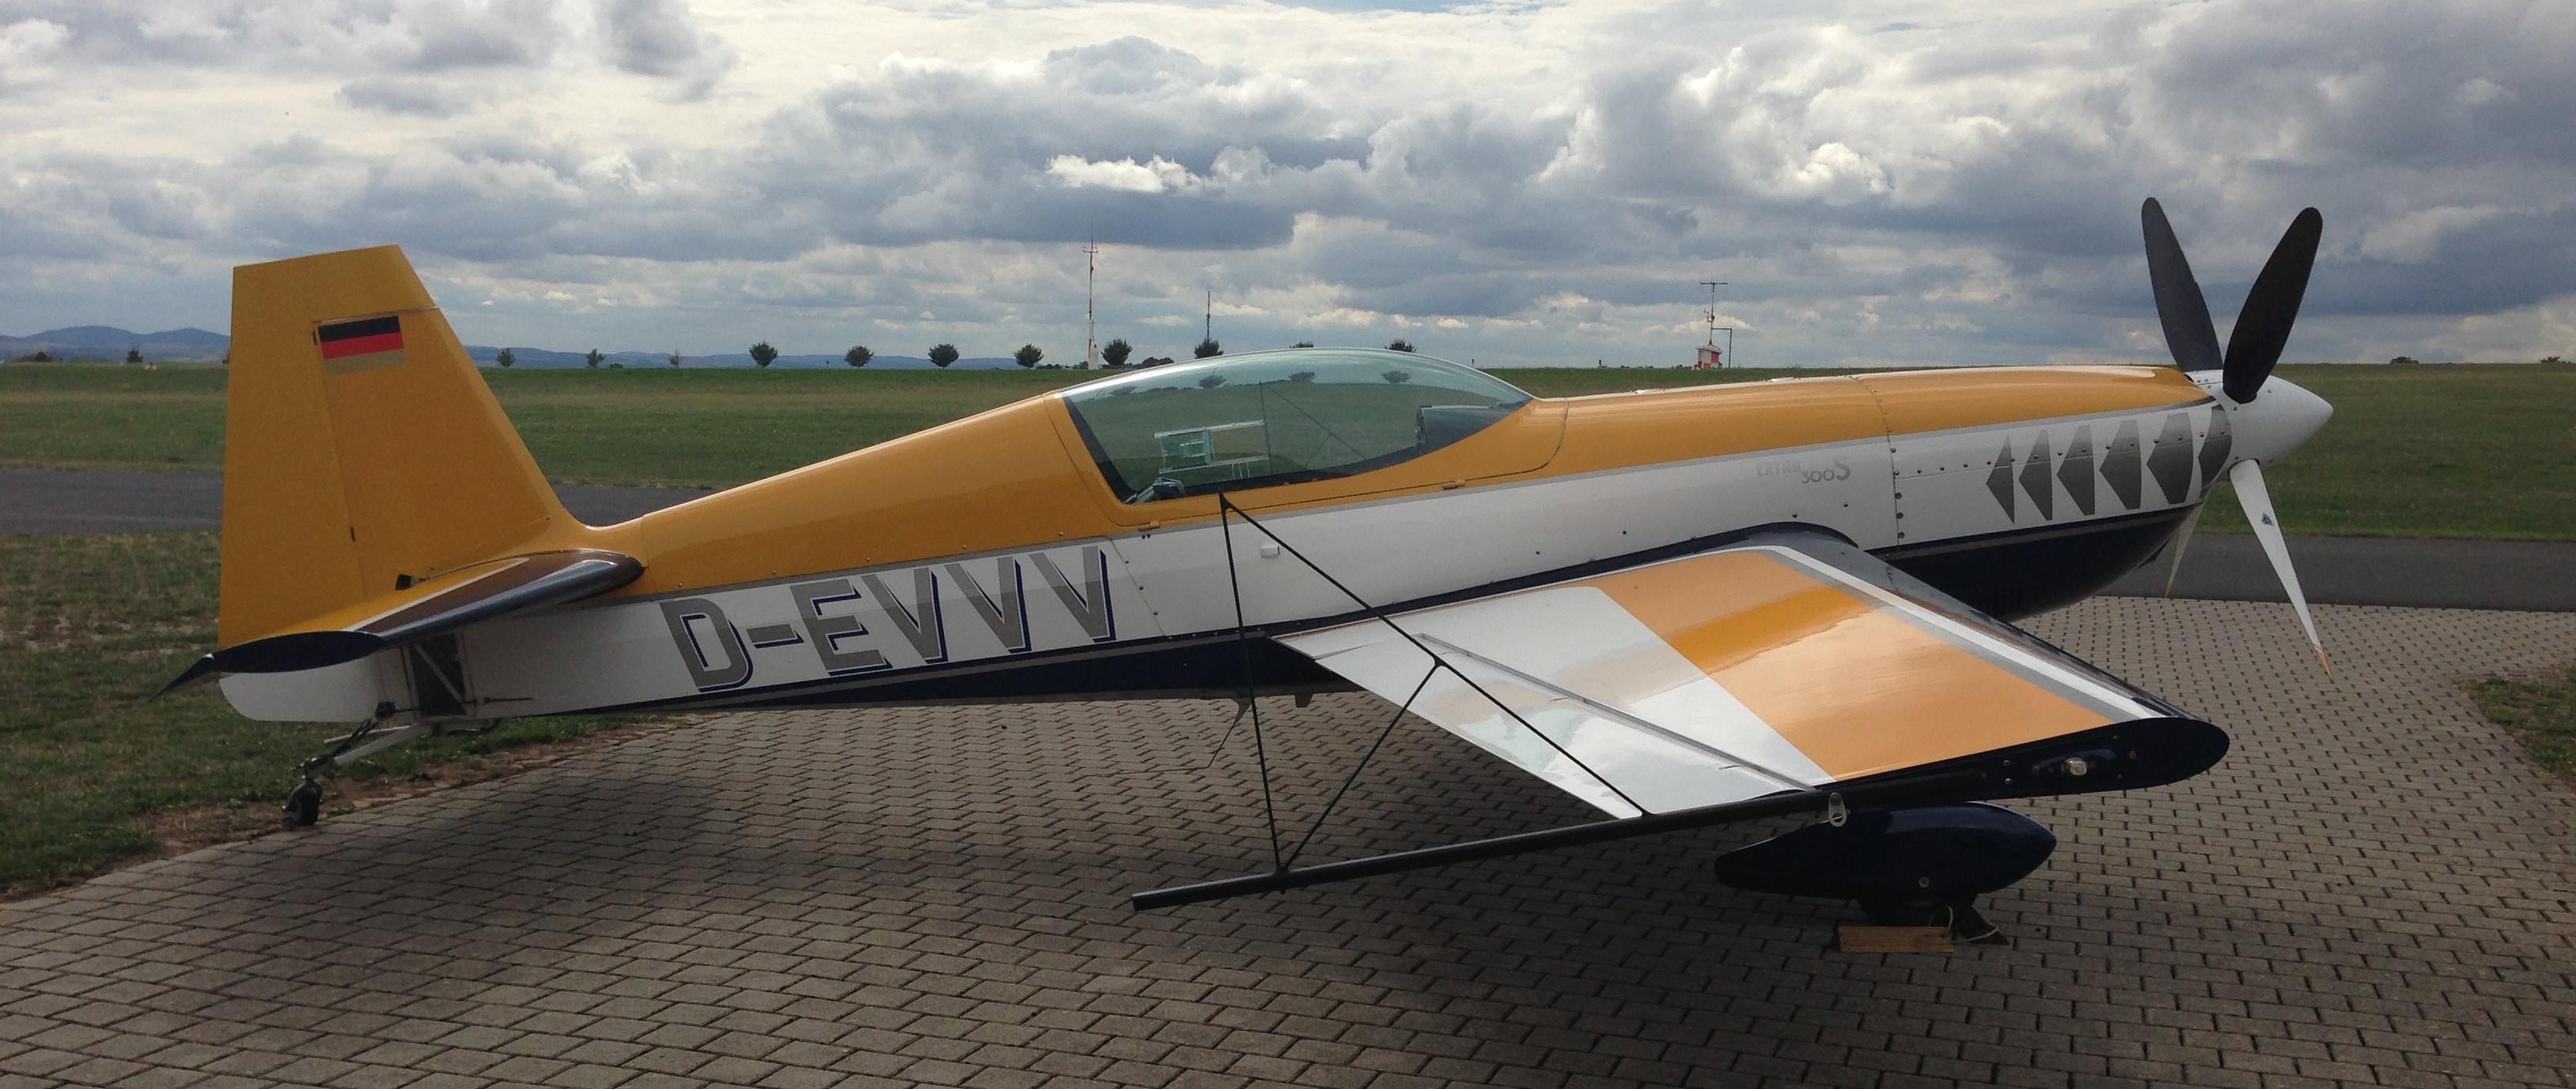 Extra300S for sale DEVVV